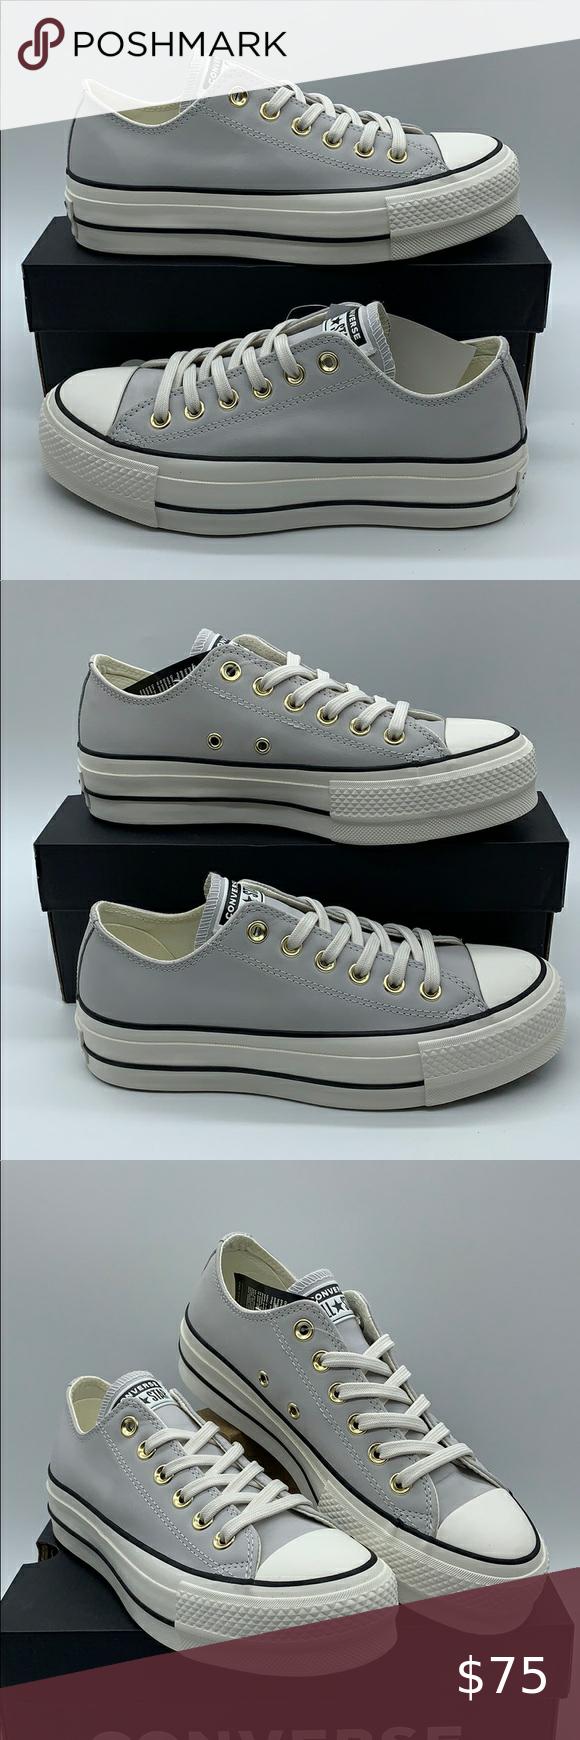 Aptitud Petición esconder  CONVERSE CTAS LIFT OX PLATFORM mouse/vintage white | Hand painted shoes,  Painted shoes, White vintage